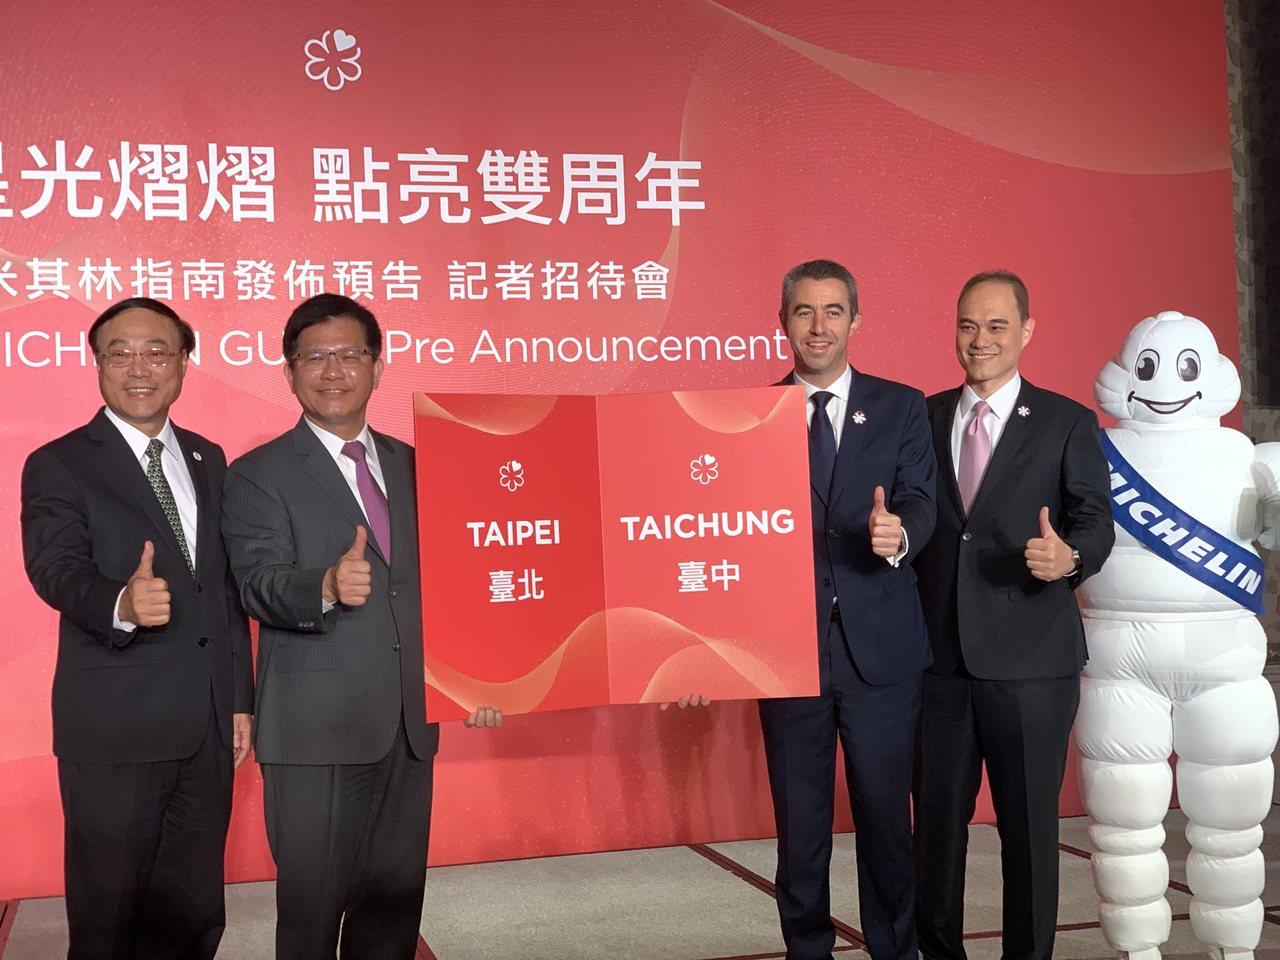 米其林集團宣布2020年第二季推出《台北‧台中米其林指南》。記者張芳瑜/攝影